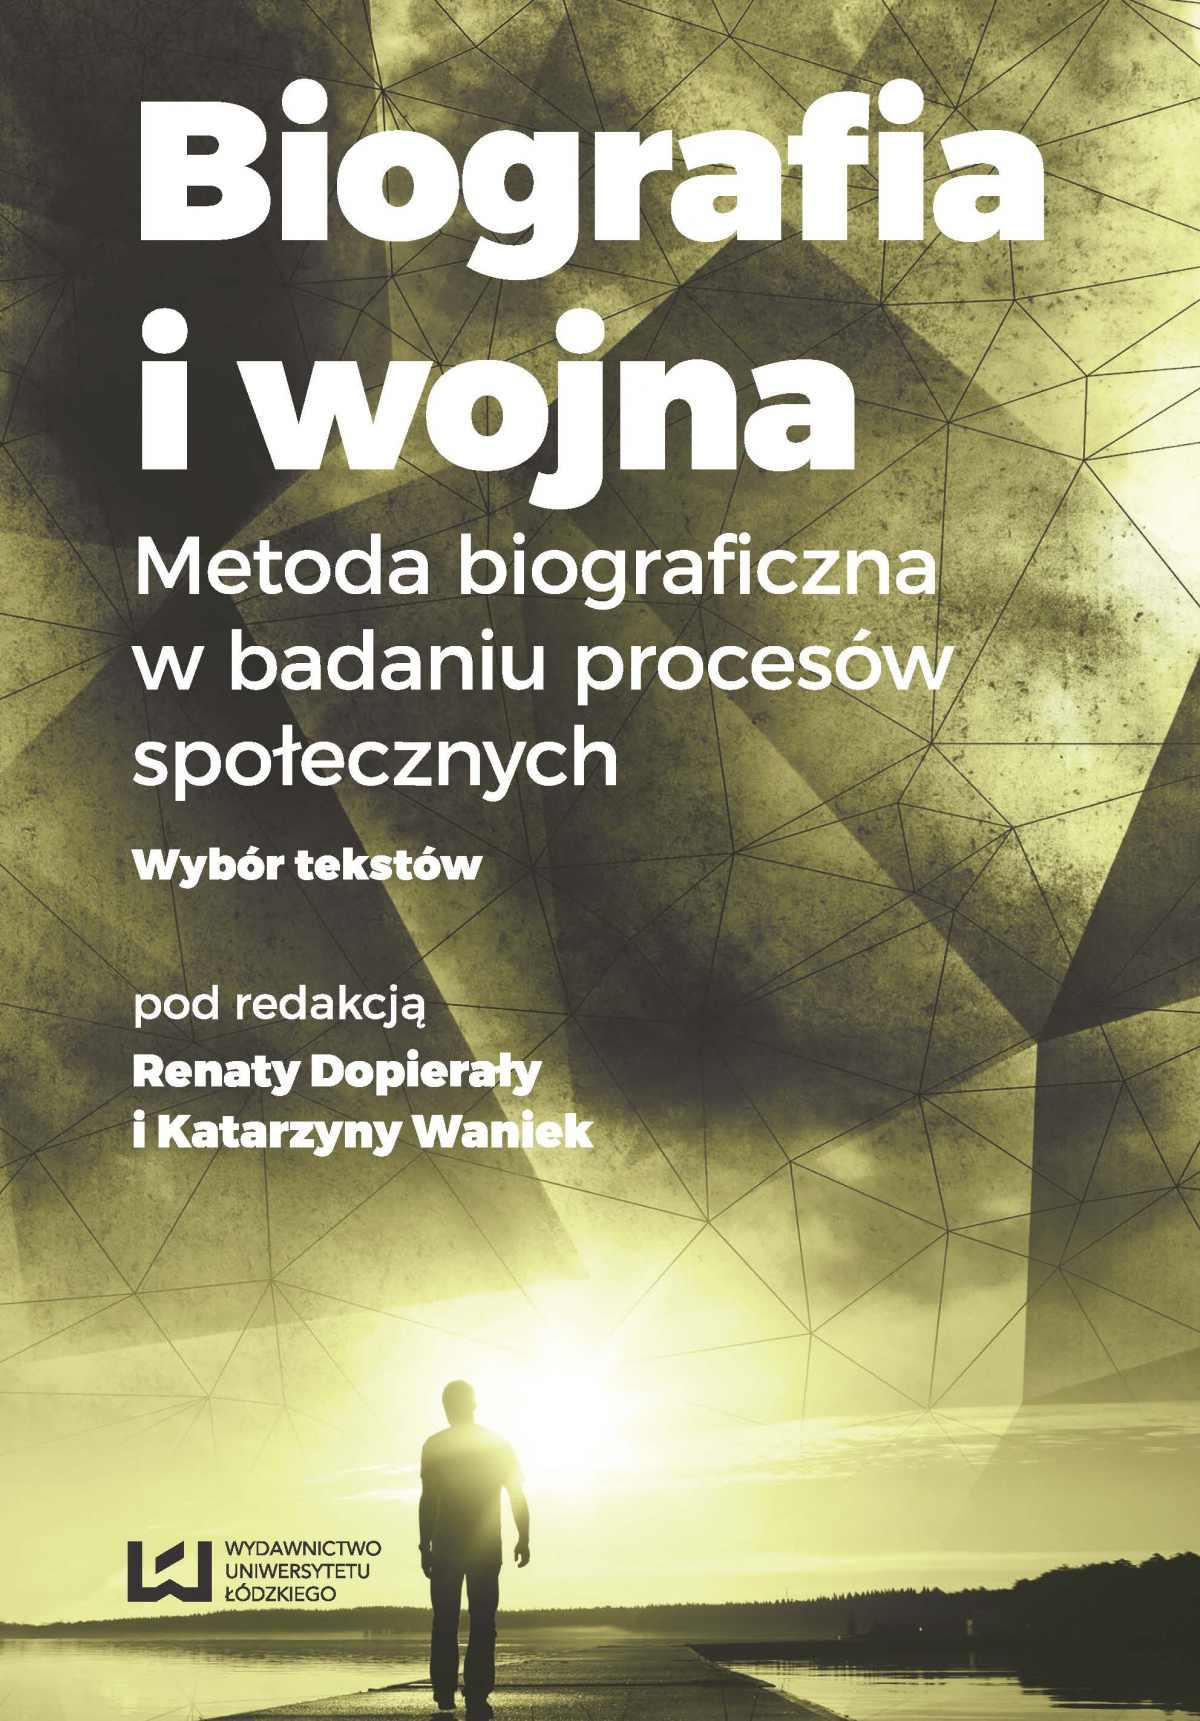 Biografia i wojna. Metoda biograficzna w badaniu procesów społecznych. Wybór tekstów - Ebook (Książka PDF) do pobrania w formacie PDF